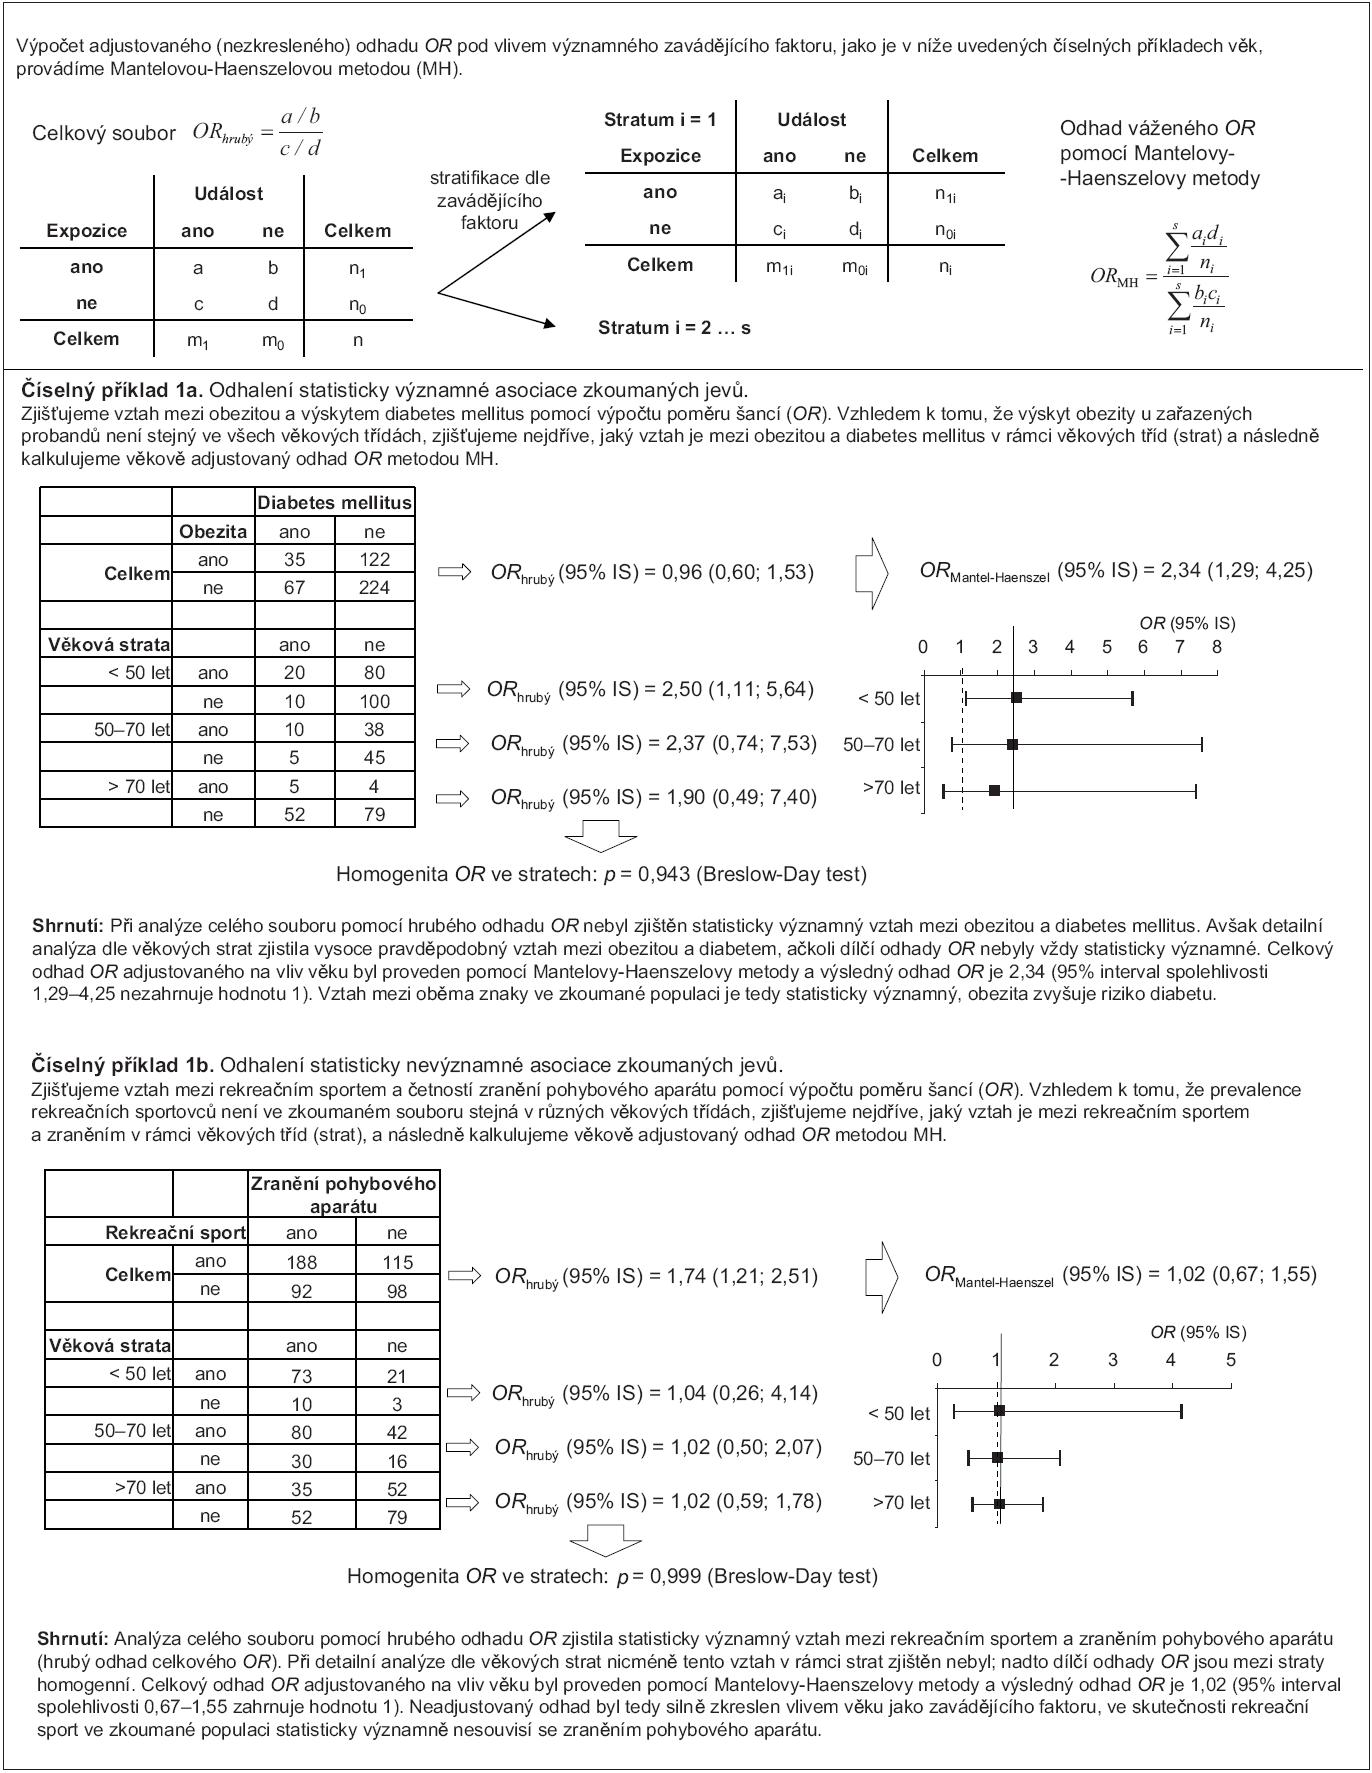 Příklad 1. Korekce odhadu poměru šancí (OR) metodou dle Mantela-Haenszela.